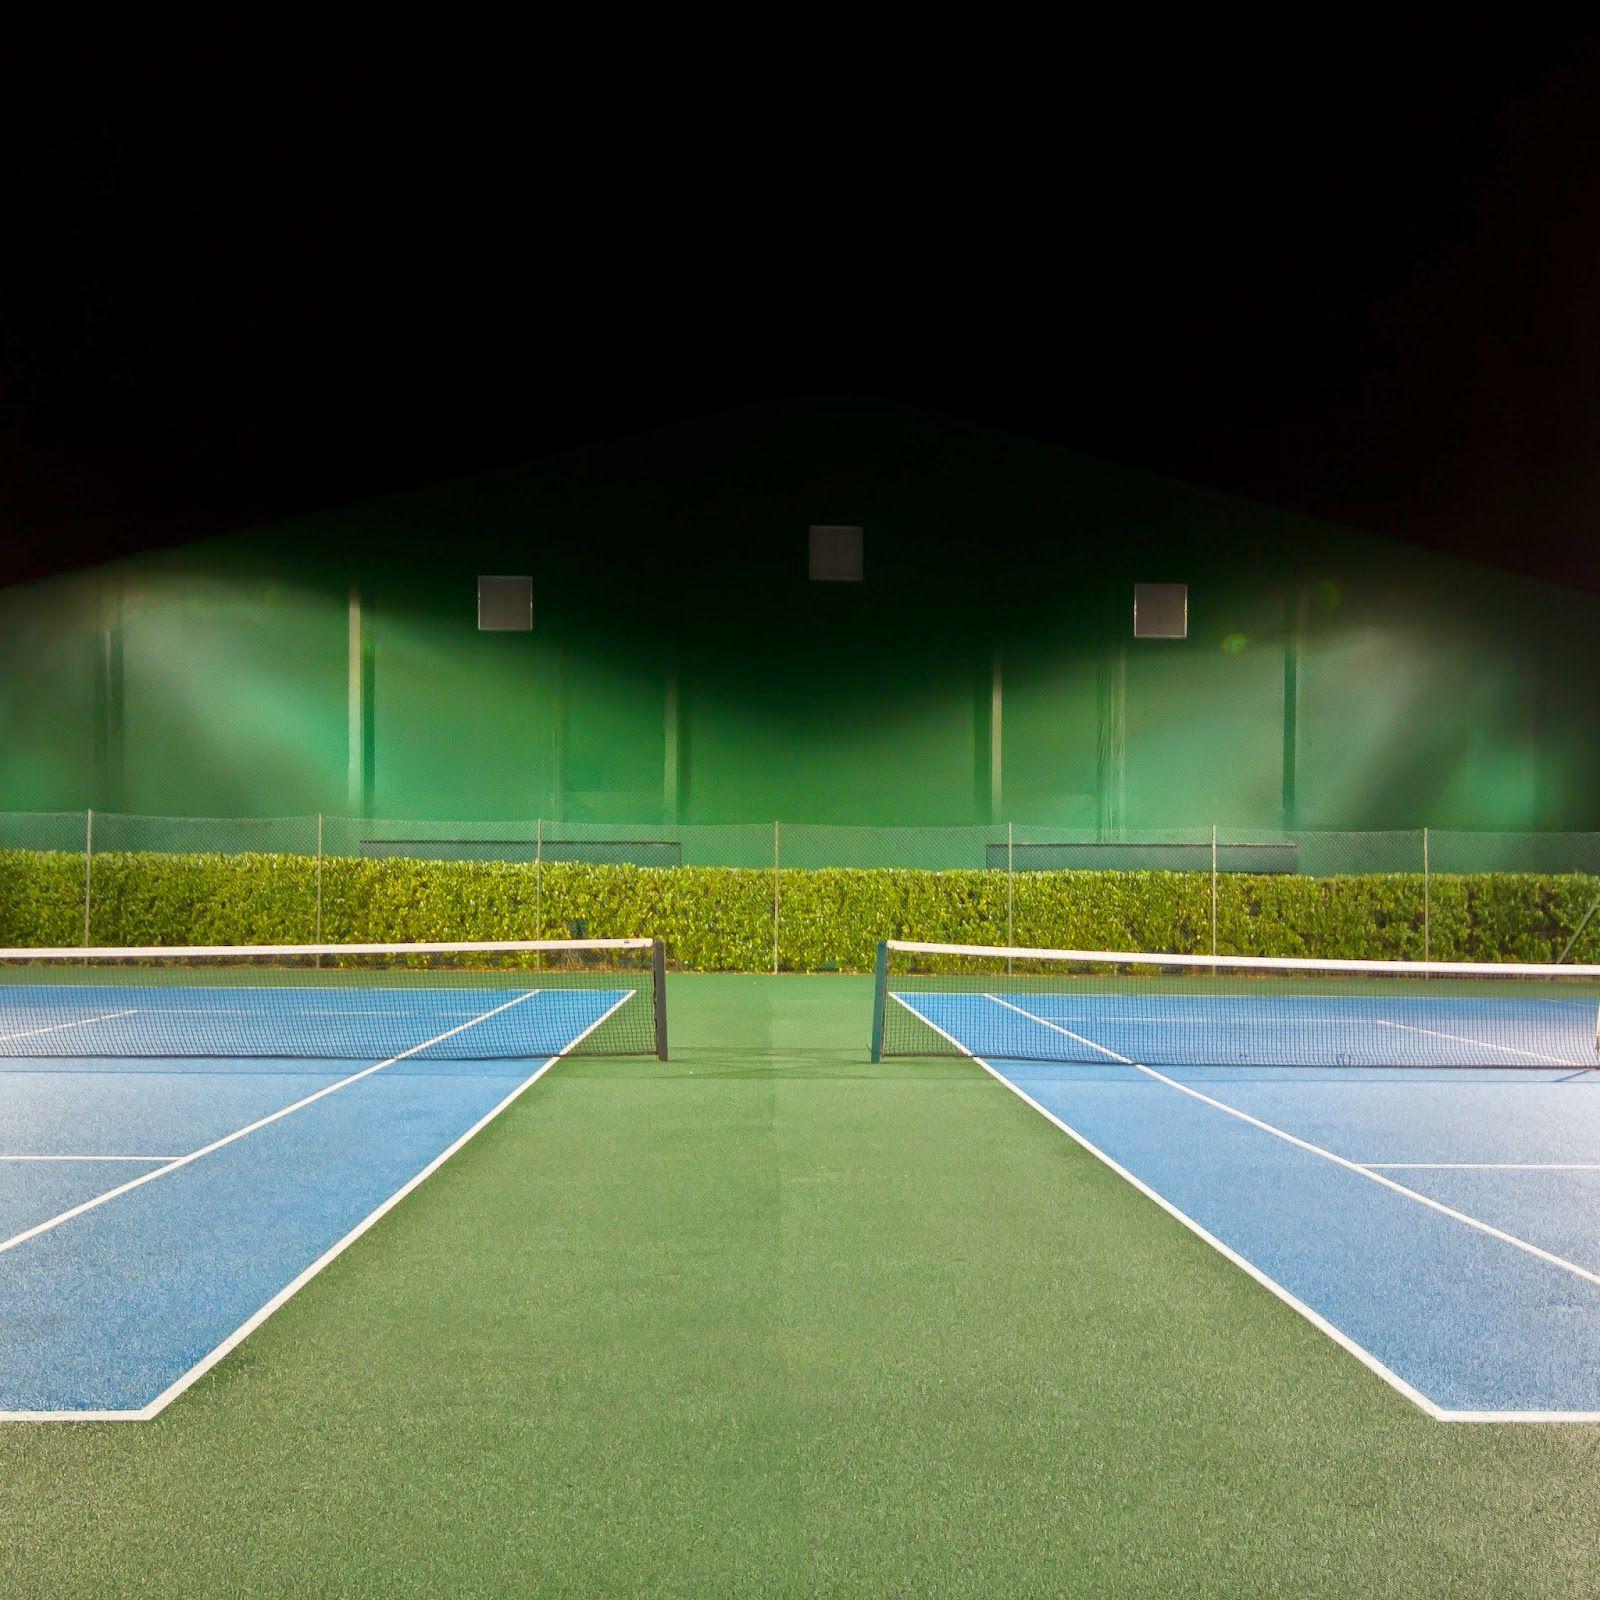 網球場的路上。to the tennis court: 網球場與攝影 - Barry Falk